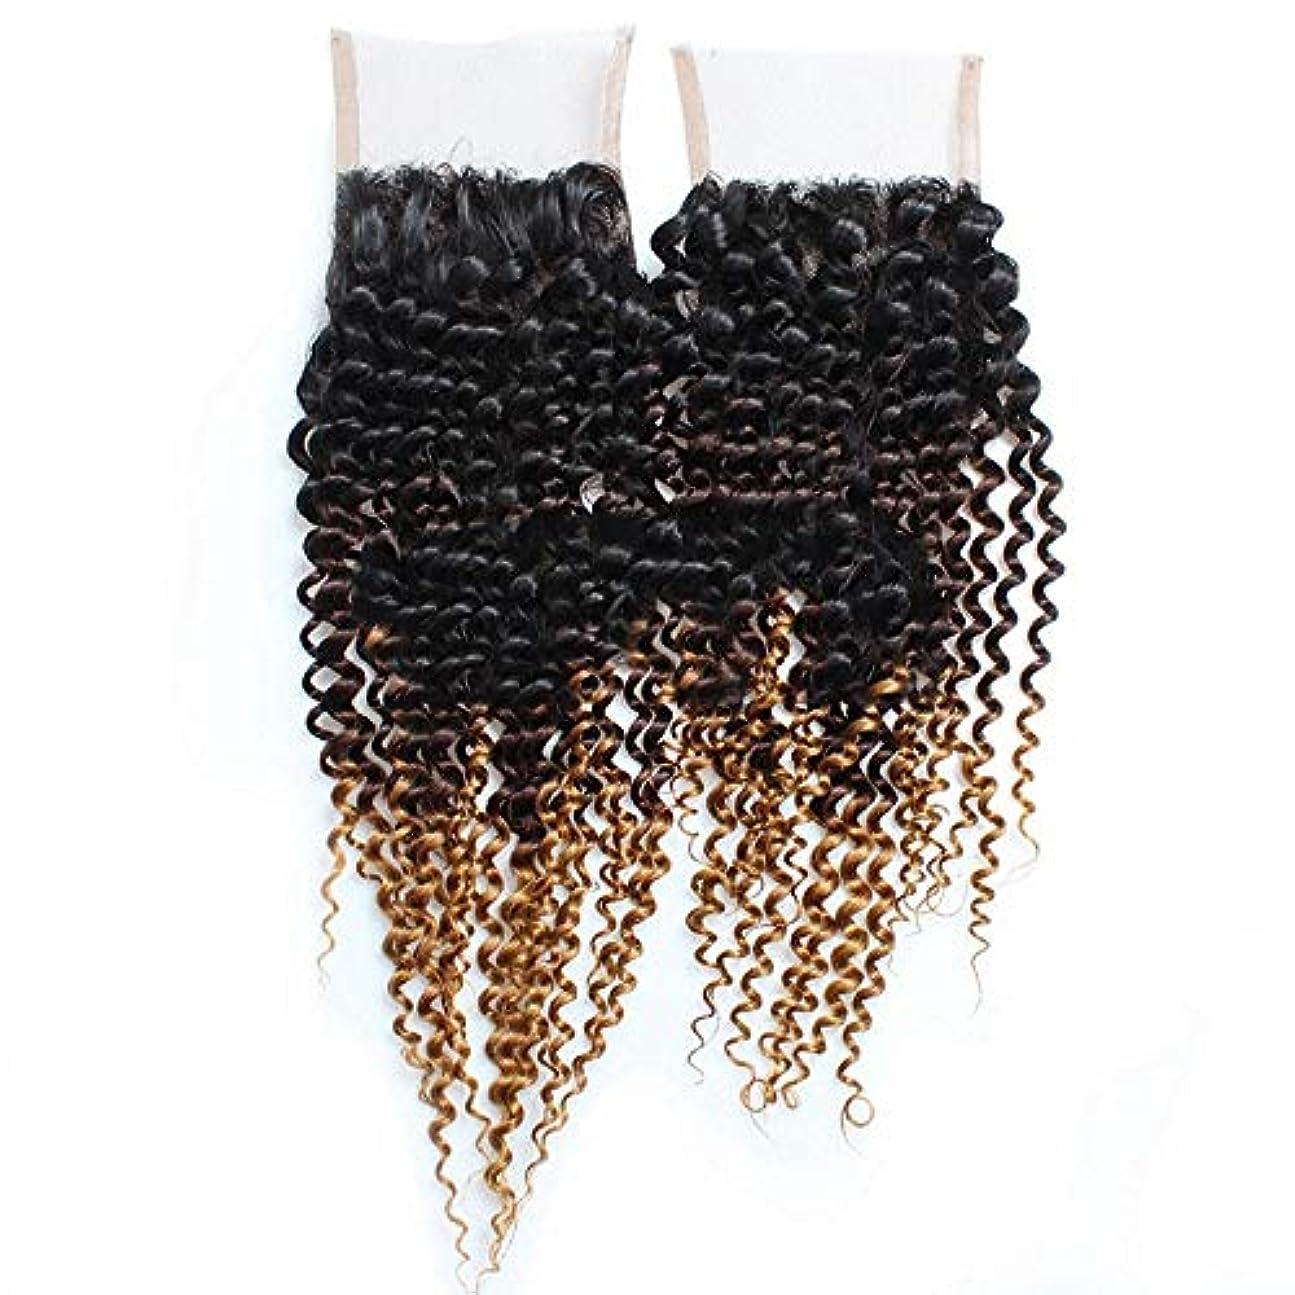 傀儡ペネロペ肌寒いHOHYLLYA 4×4レース前頭閉鎖黒からブロンドの3トーンカラー9A人間の髪の毛自然に見える合成髪レースかつらロールプレイングかつら長くて短い女性自然 (色 : ブラウン, サイズ : 12 inch)